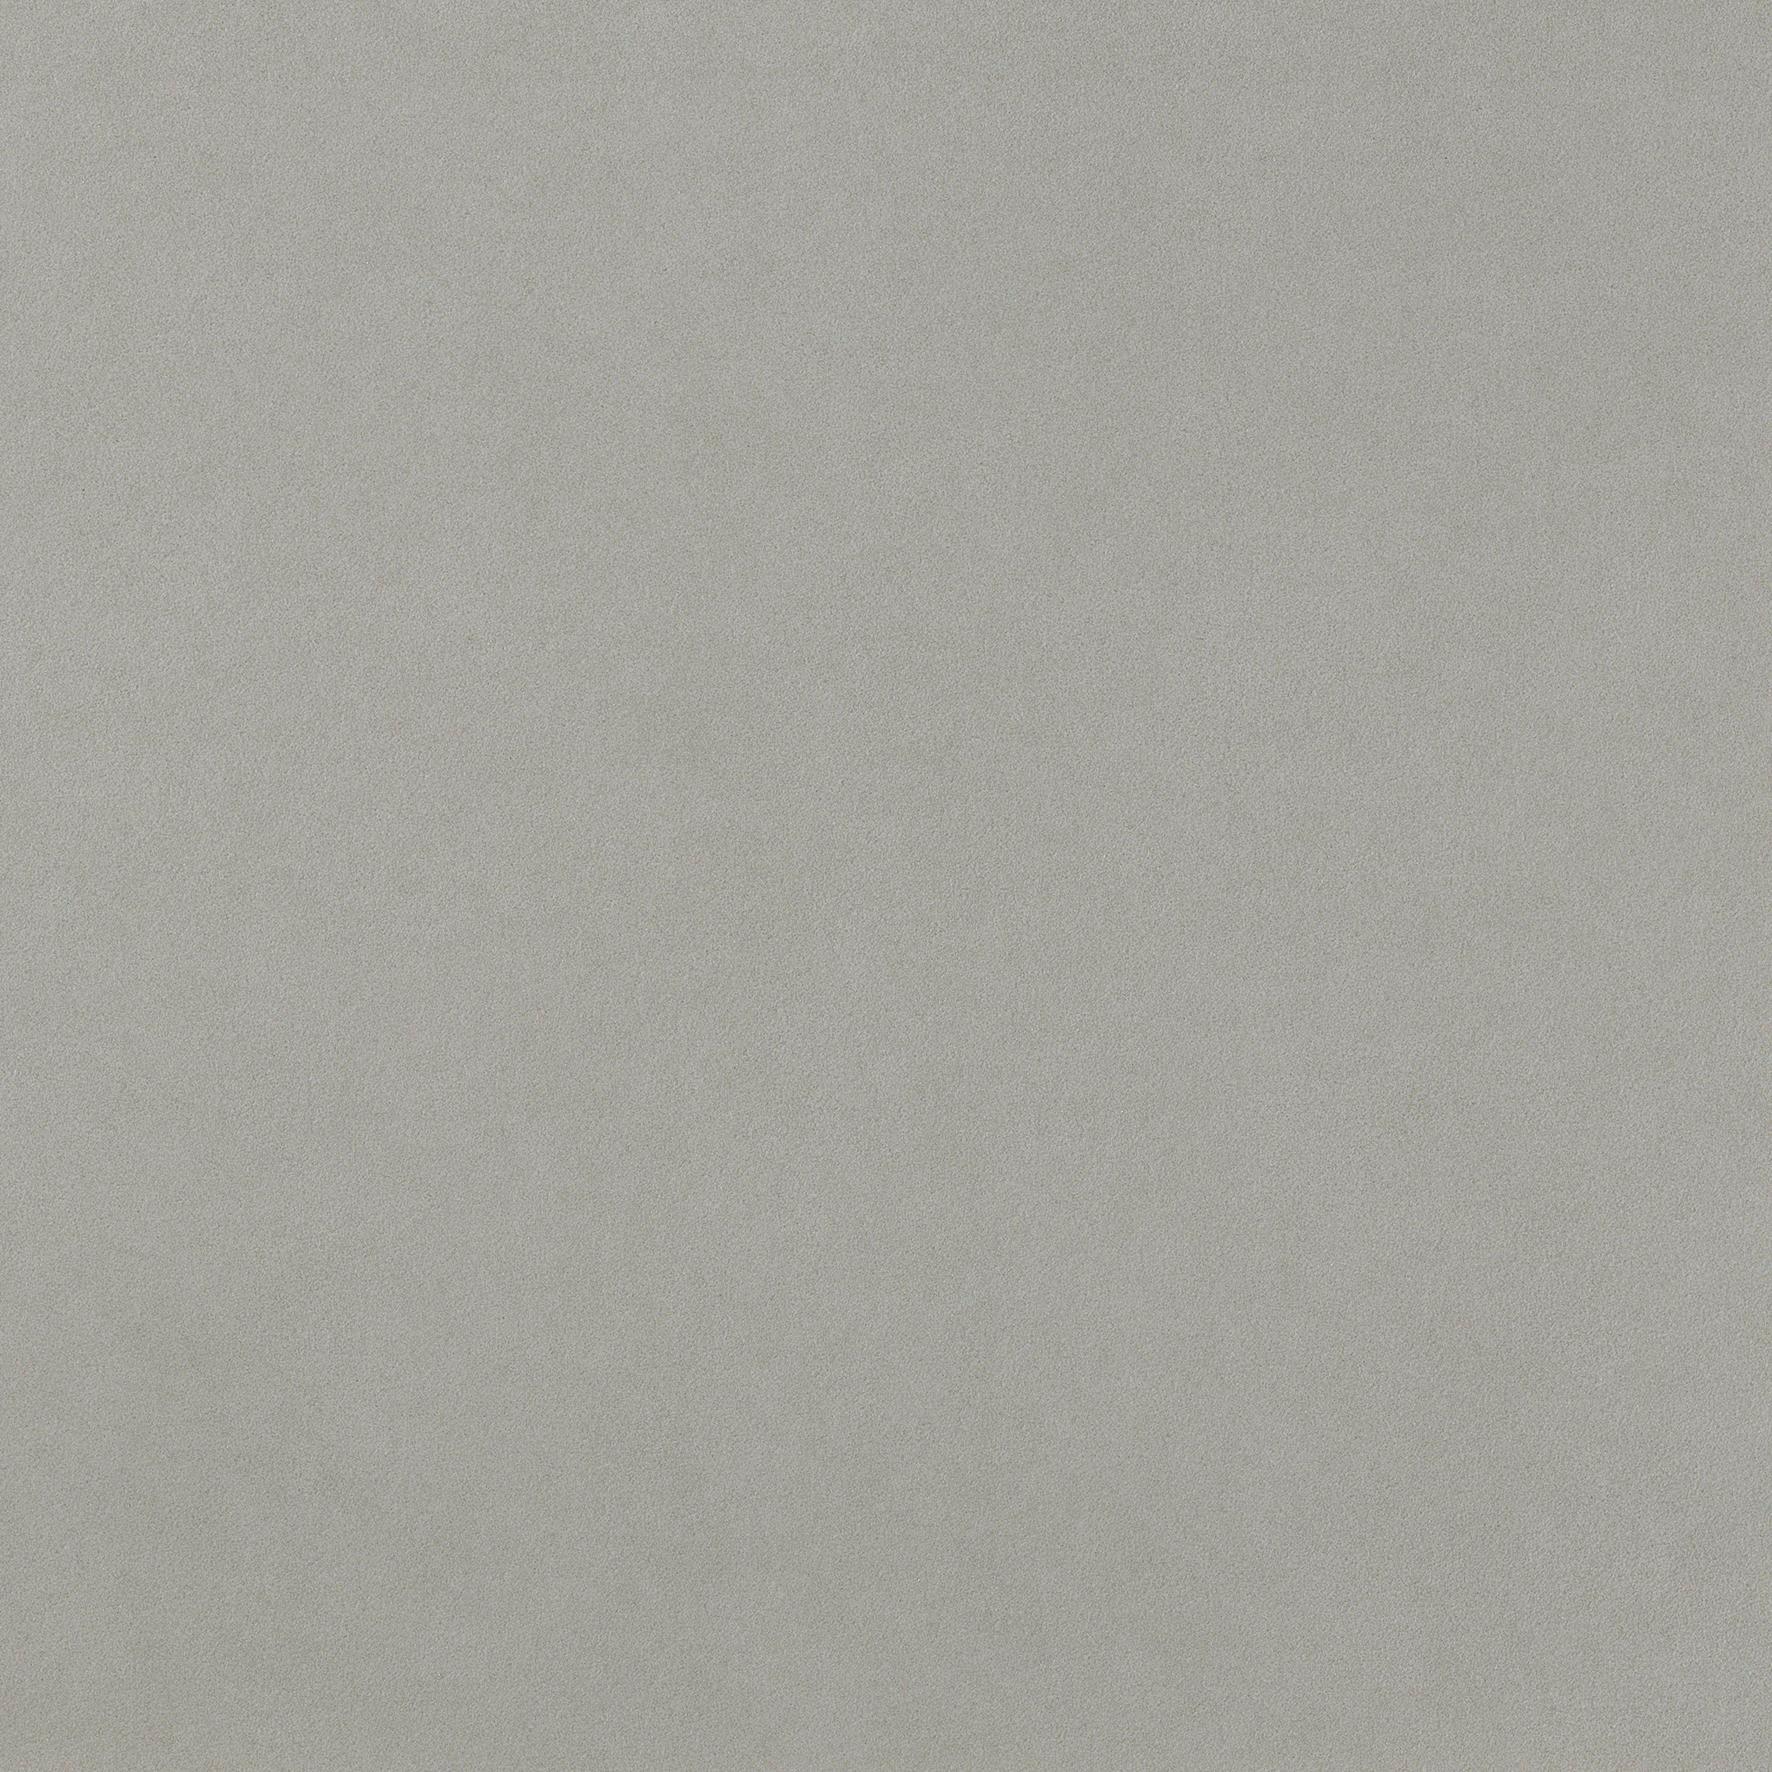 Arkshade Grey 75x75 ATLAS CONCORDE